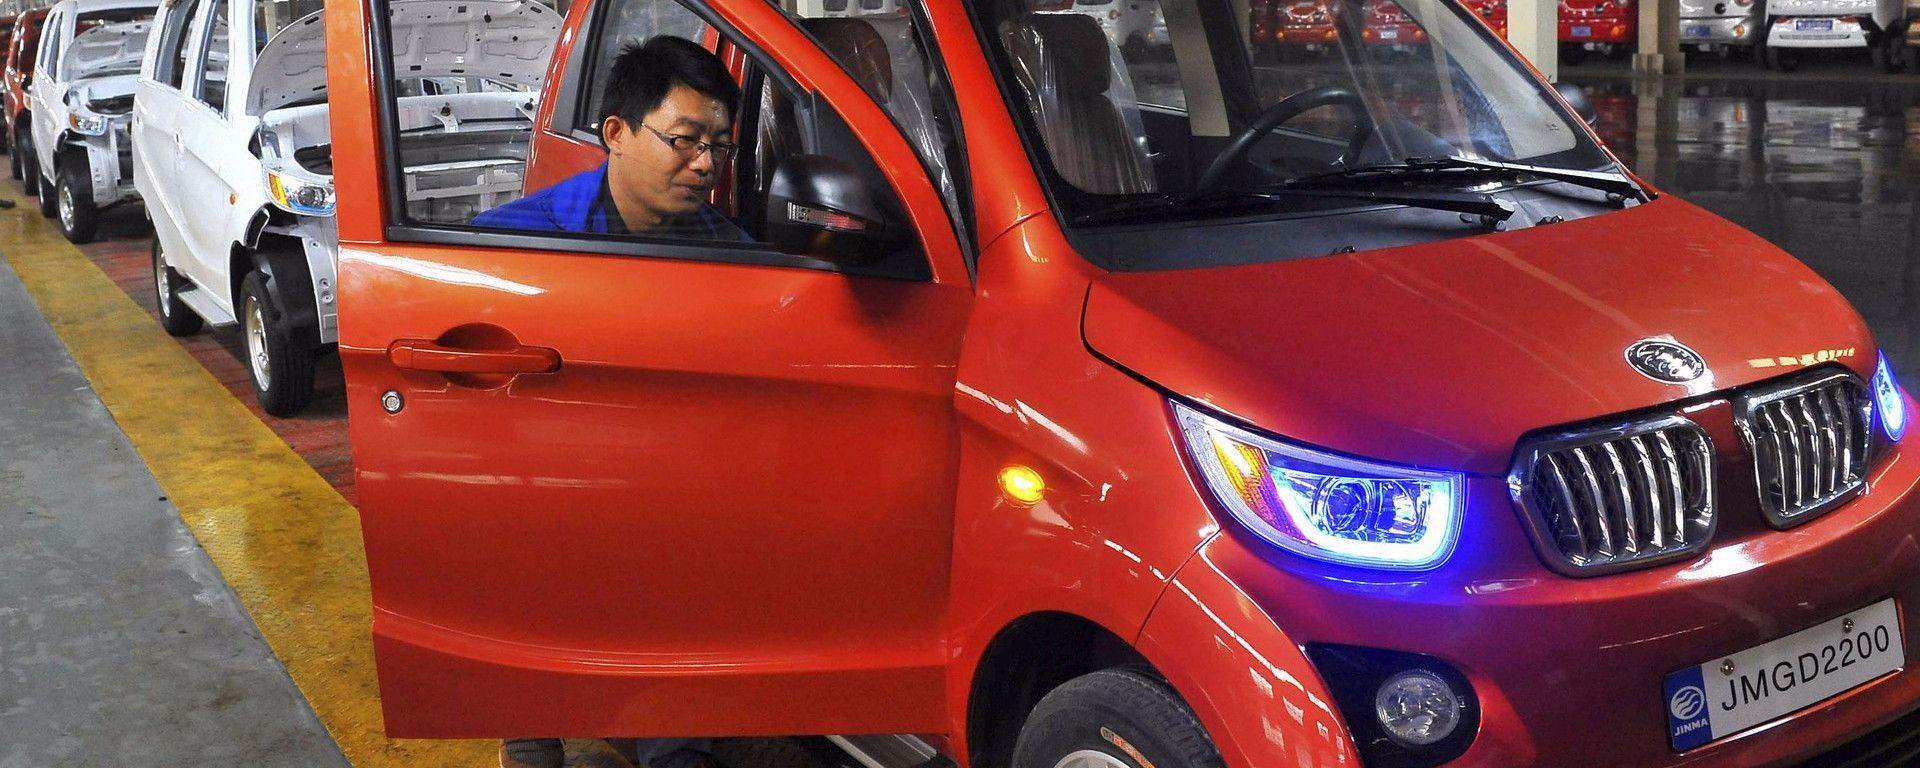 Cina: stretta sull'auto elettrica